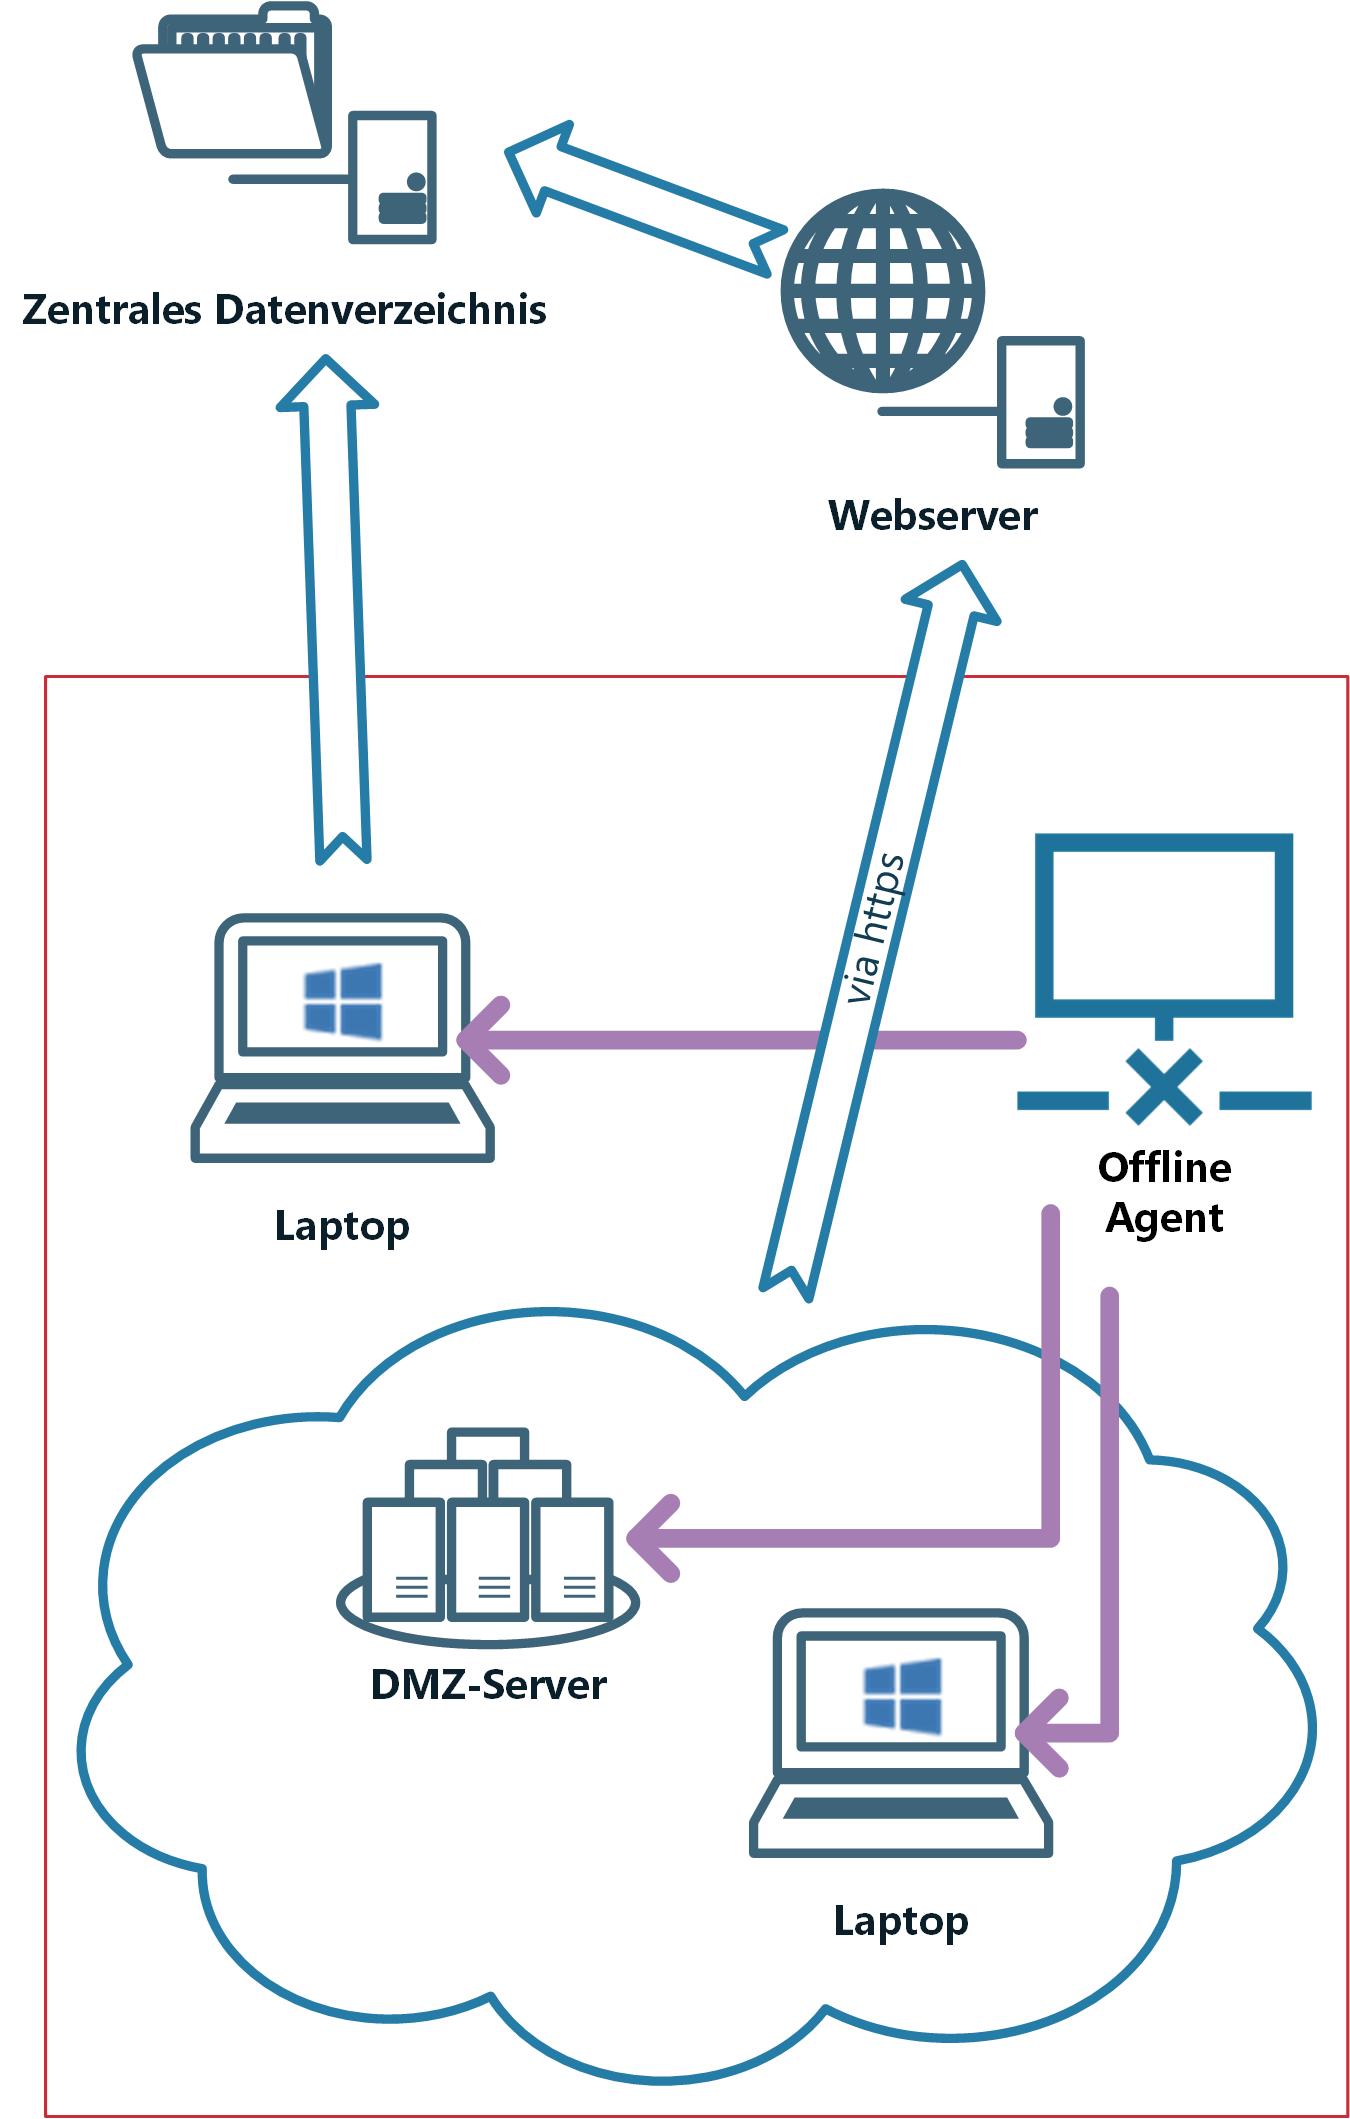 Der Offline Agent erfasst Daten von Laptops oder aus der DMZ